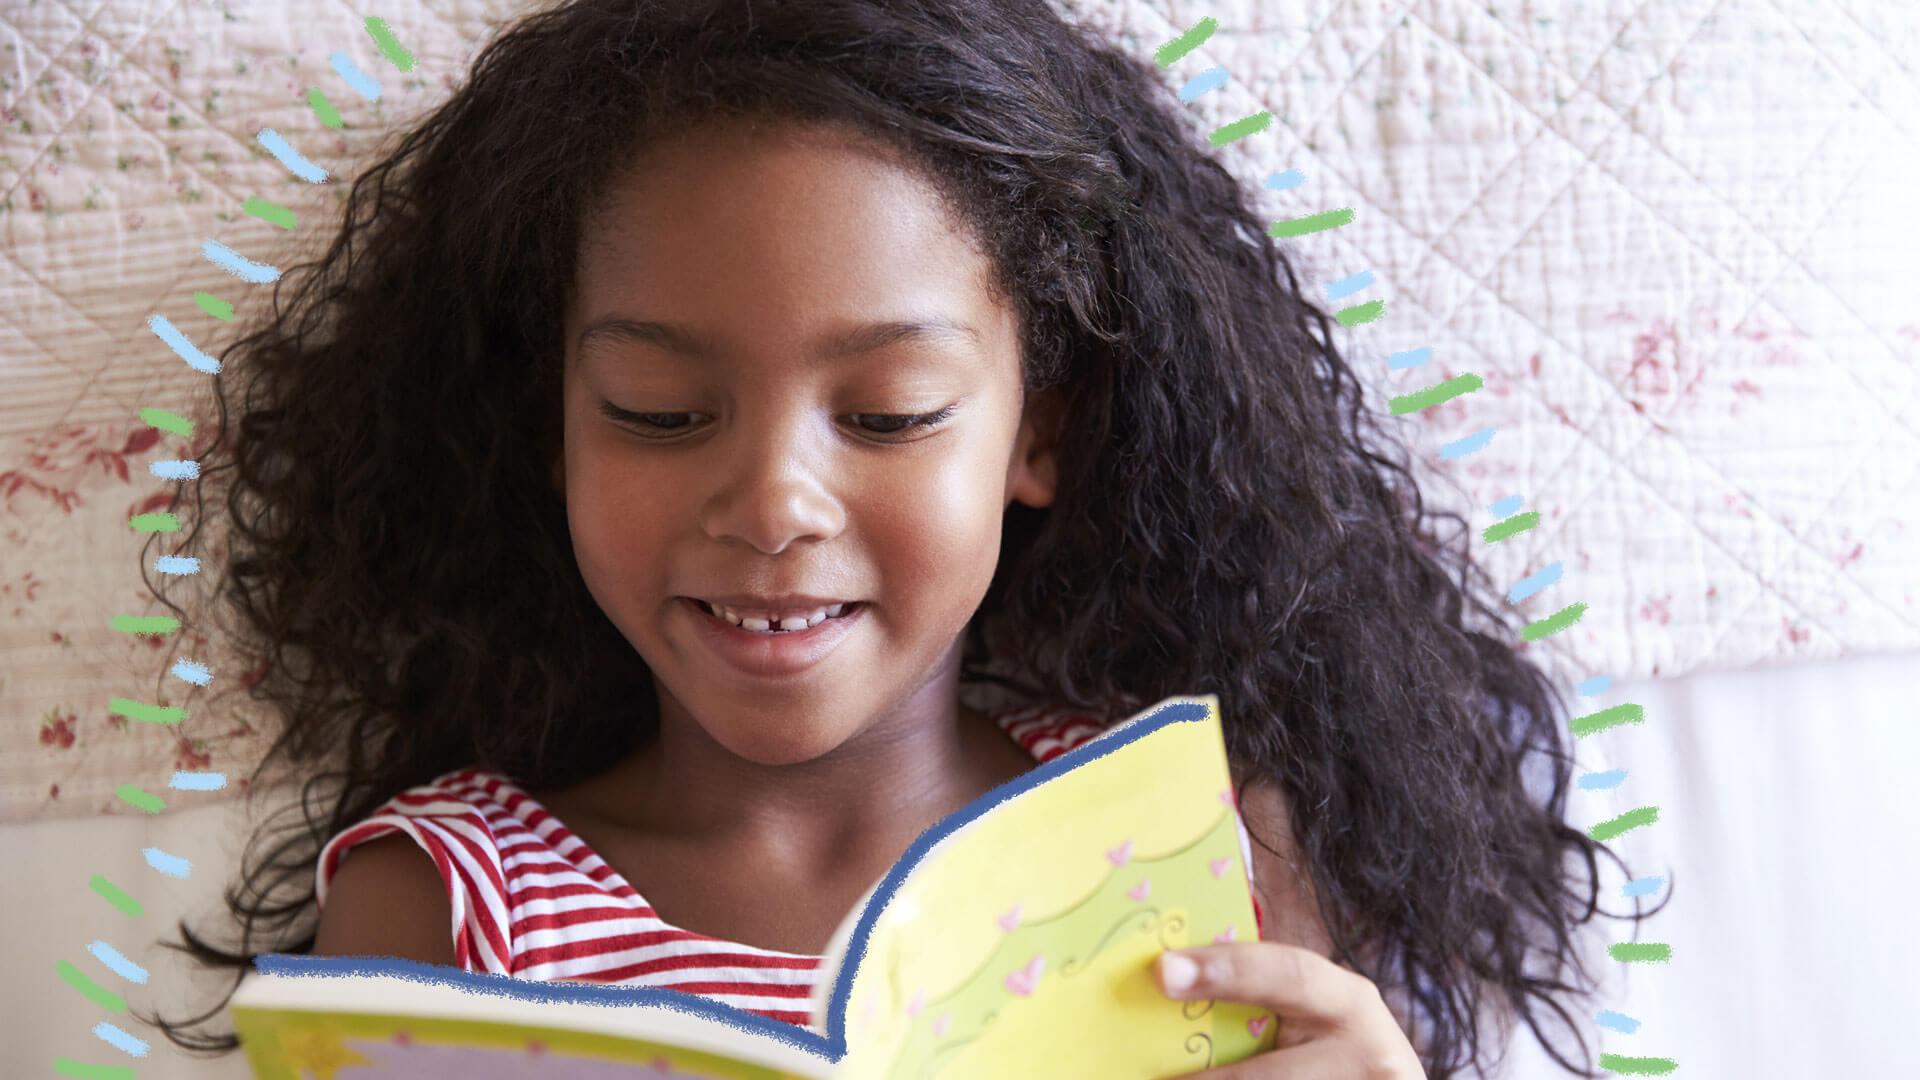 Primeira mostra de poesia infanto-juvenil da Maré terá premiação